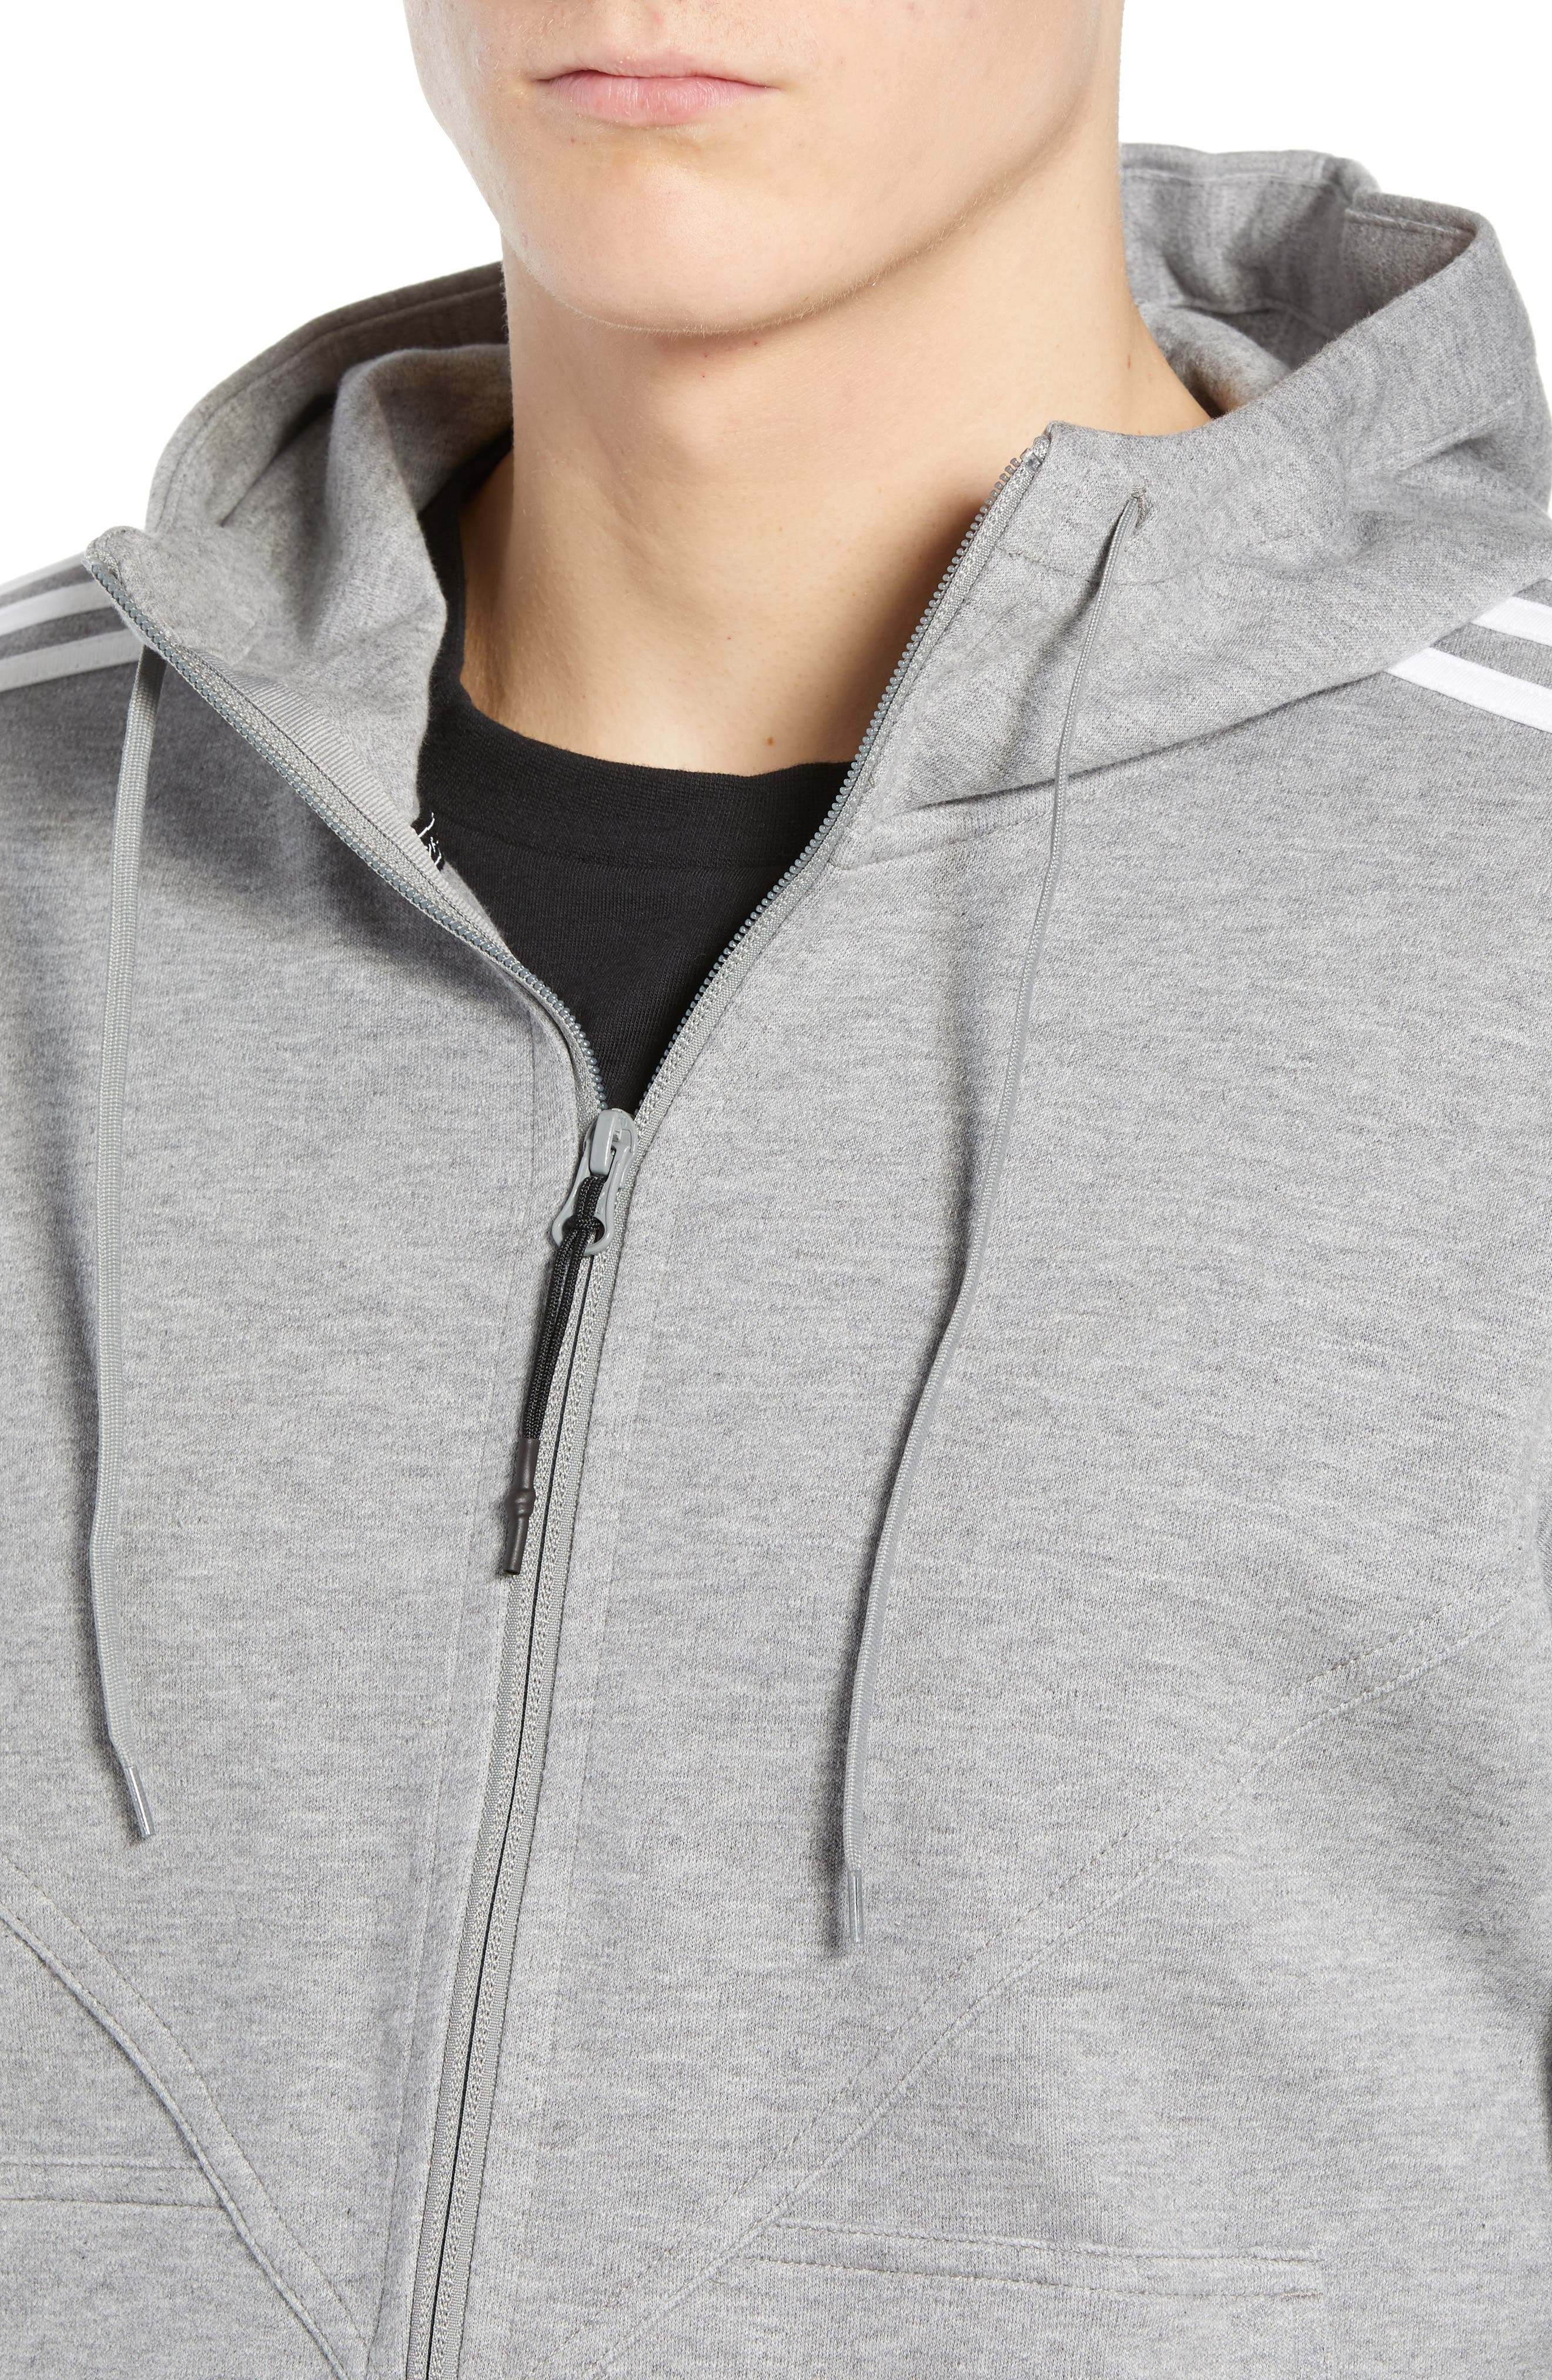 adidas NMD Zip Hoodie,                             Alternate thumbnail 4, color,                             MED GREY HEATHER